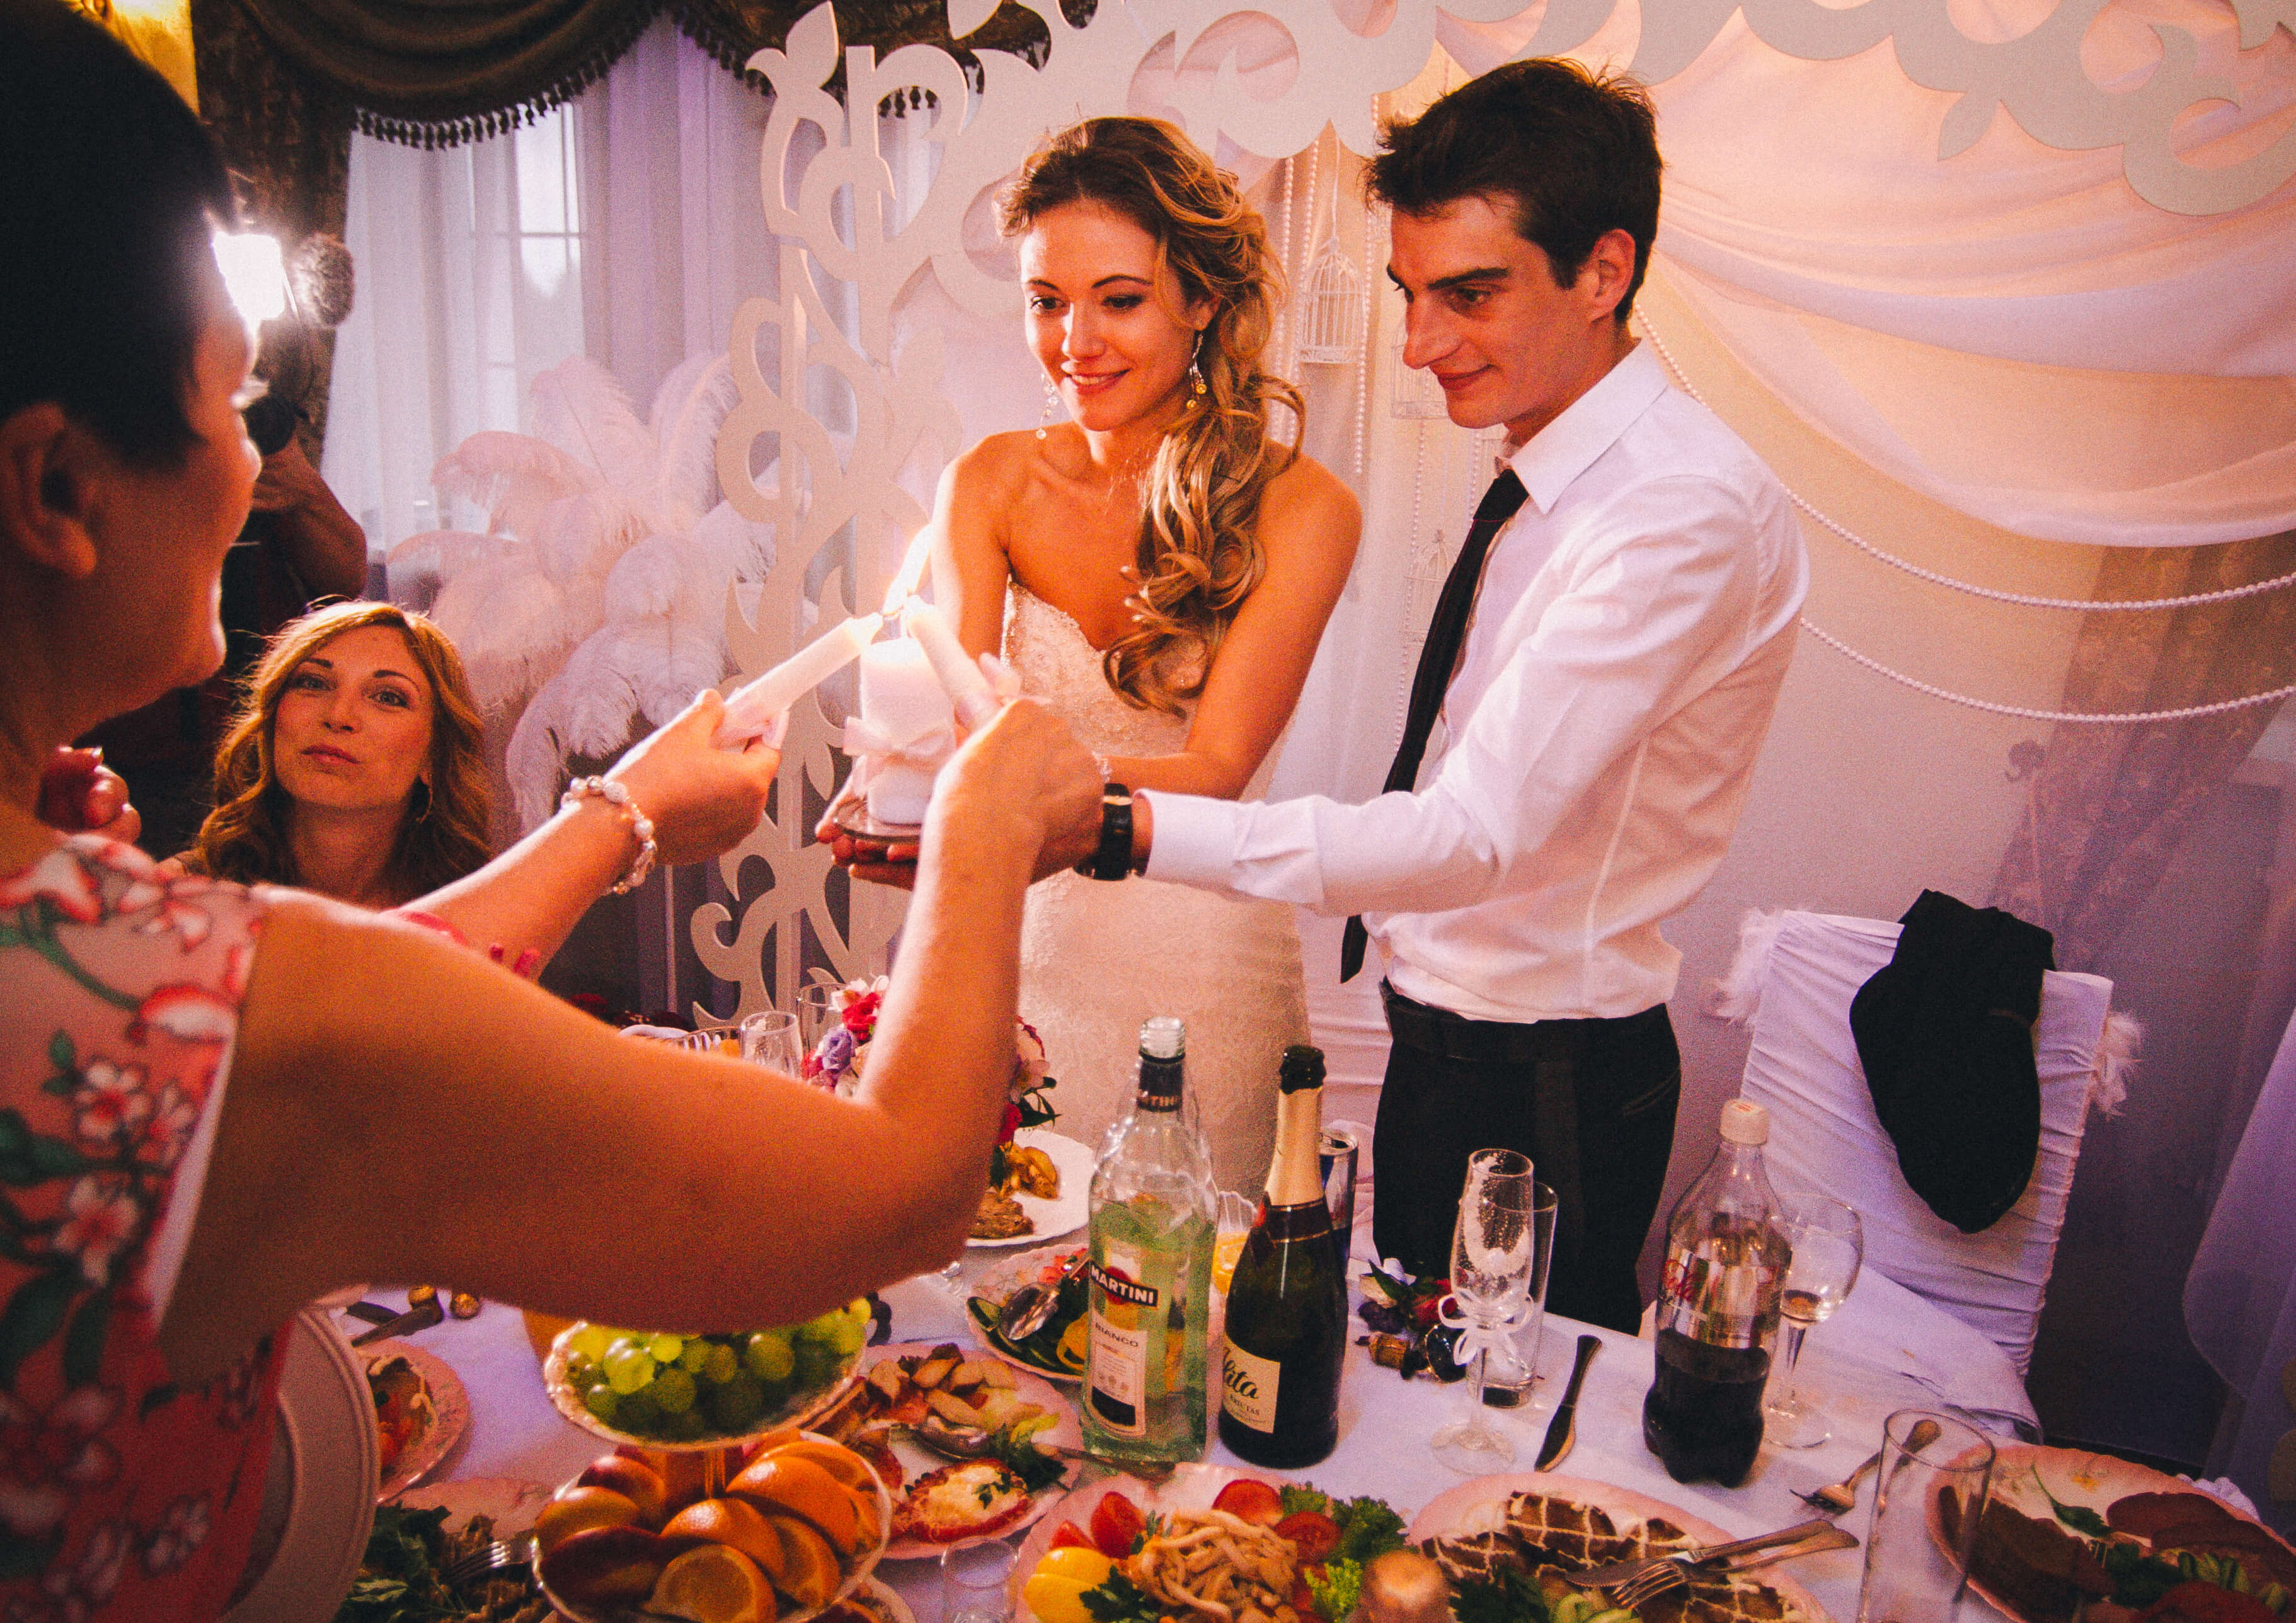 Французская парижская белая свадьба париж декор банкетного зала ресторана украшение организация свадьбы свадебное агентство ЛавМи Могилев